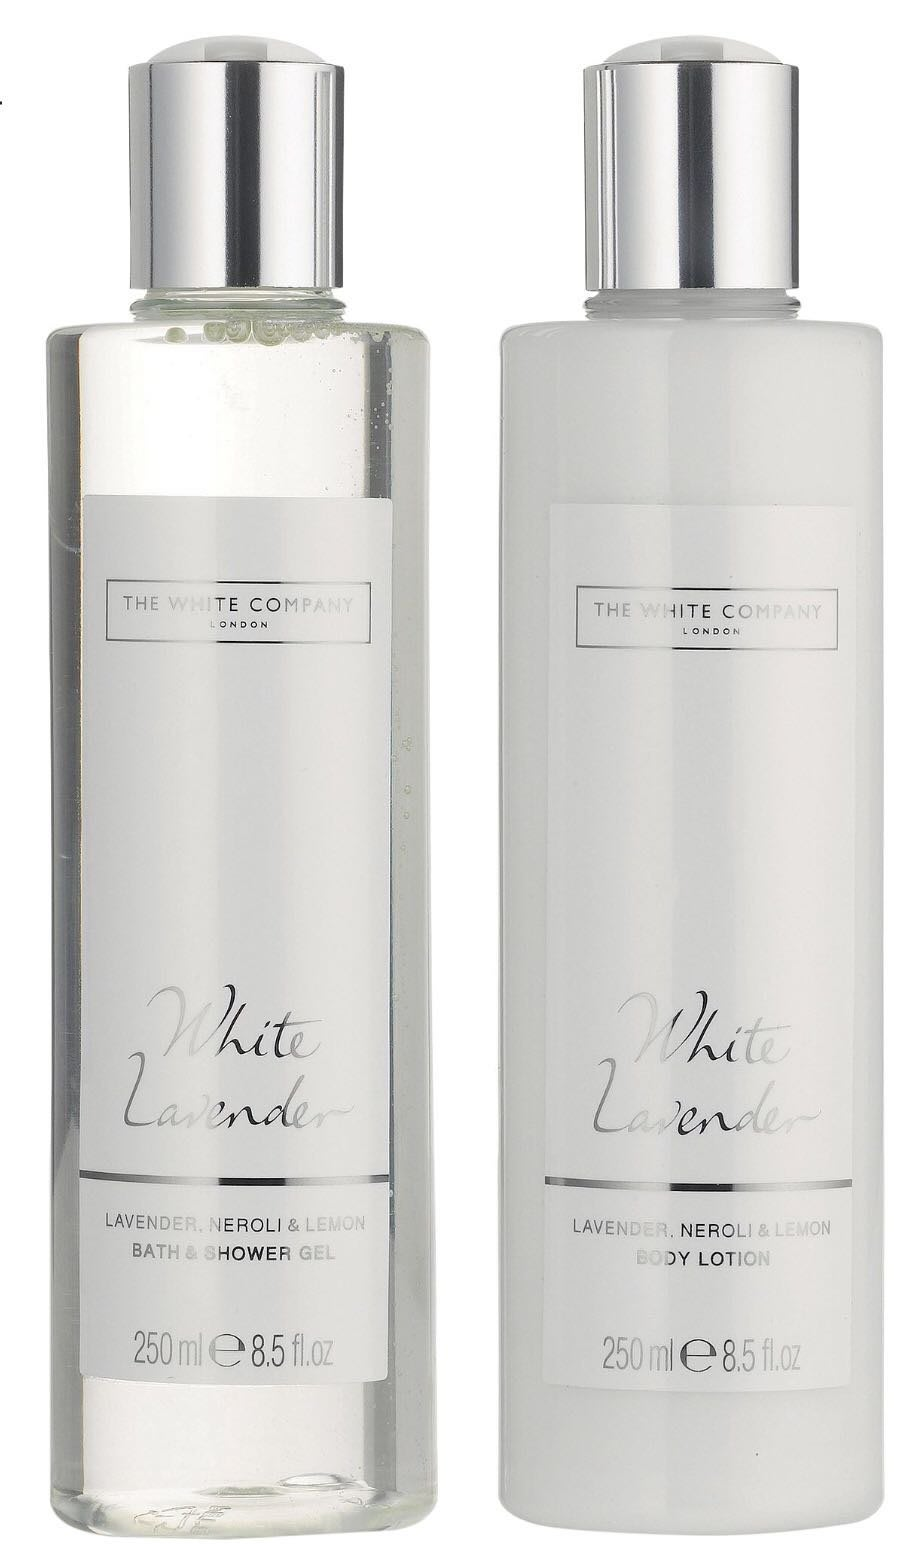 英國THE WHITE COMPANY 白色薰衣草沐浴乳與身體乳 250ml(預購